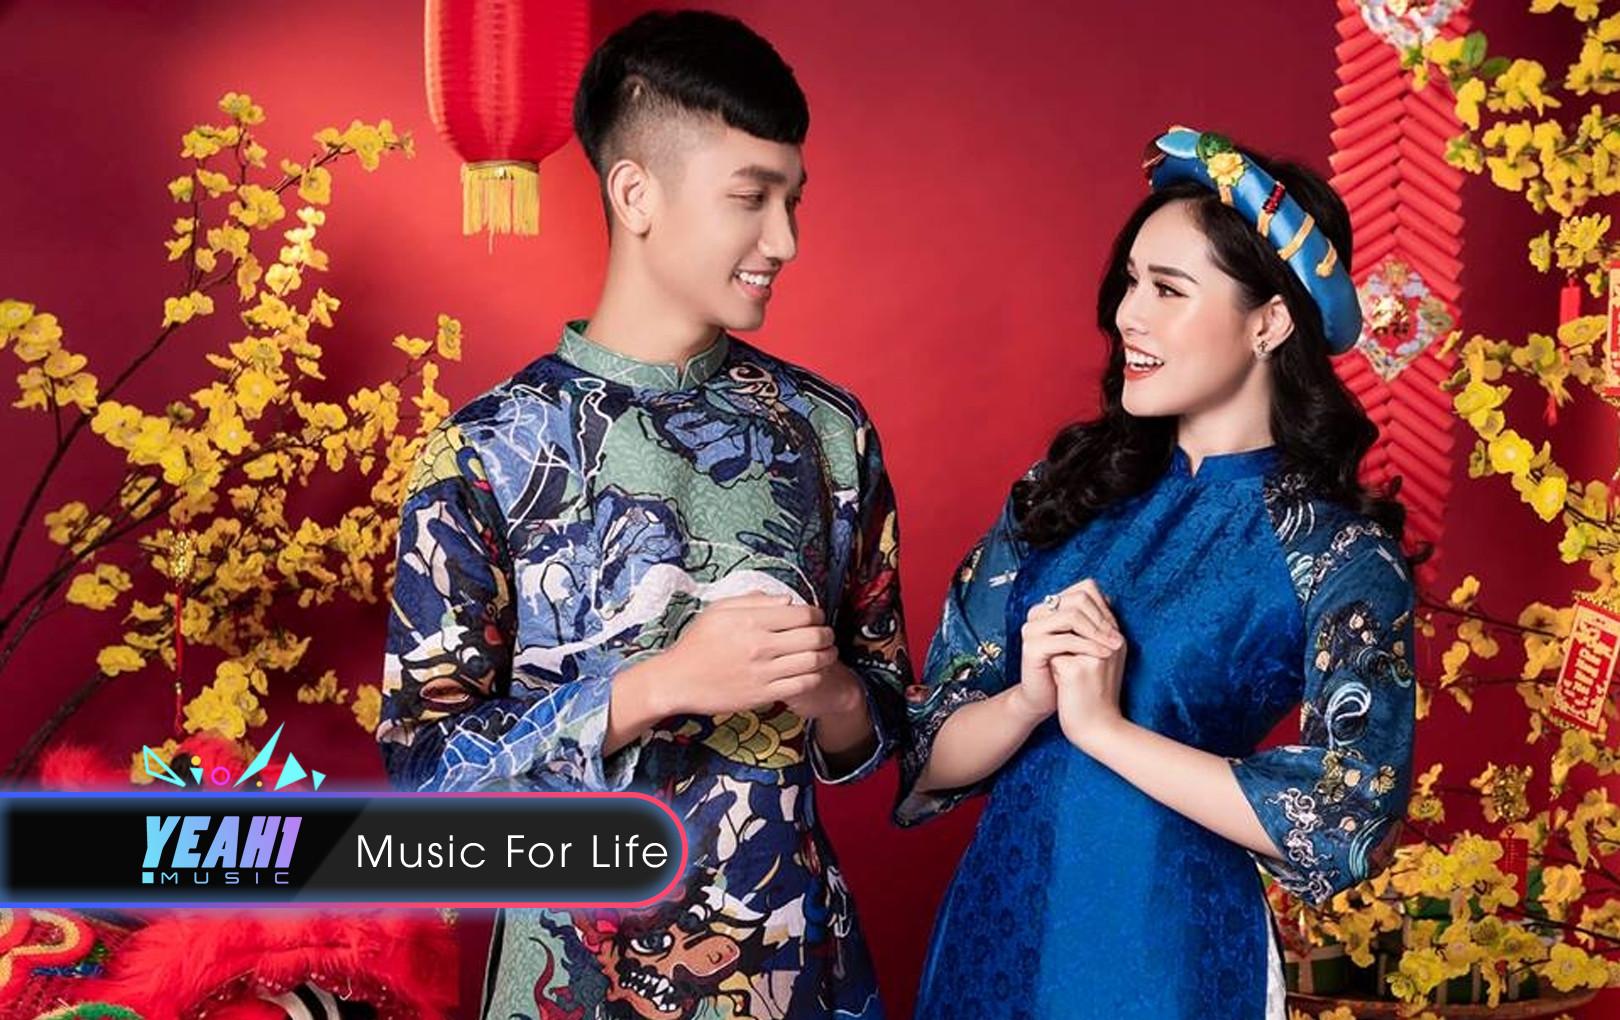 Trọng Đại khoe ảnh năm mới bên bạn gái hoa hậu, đẹp trai ngọt ngào không kém gì hotboy Hàn Quốc